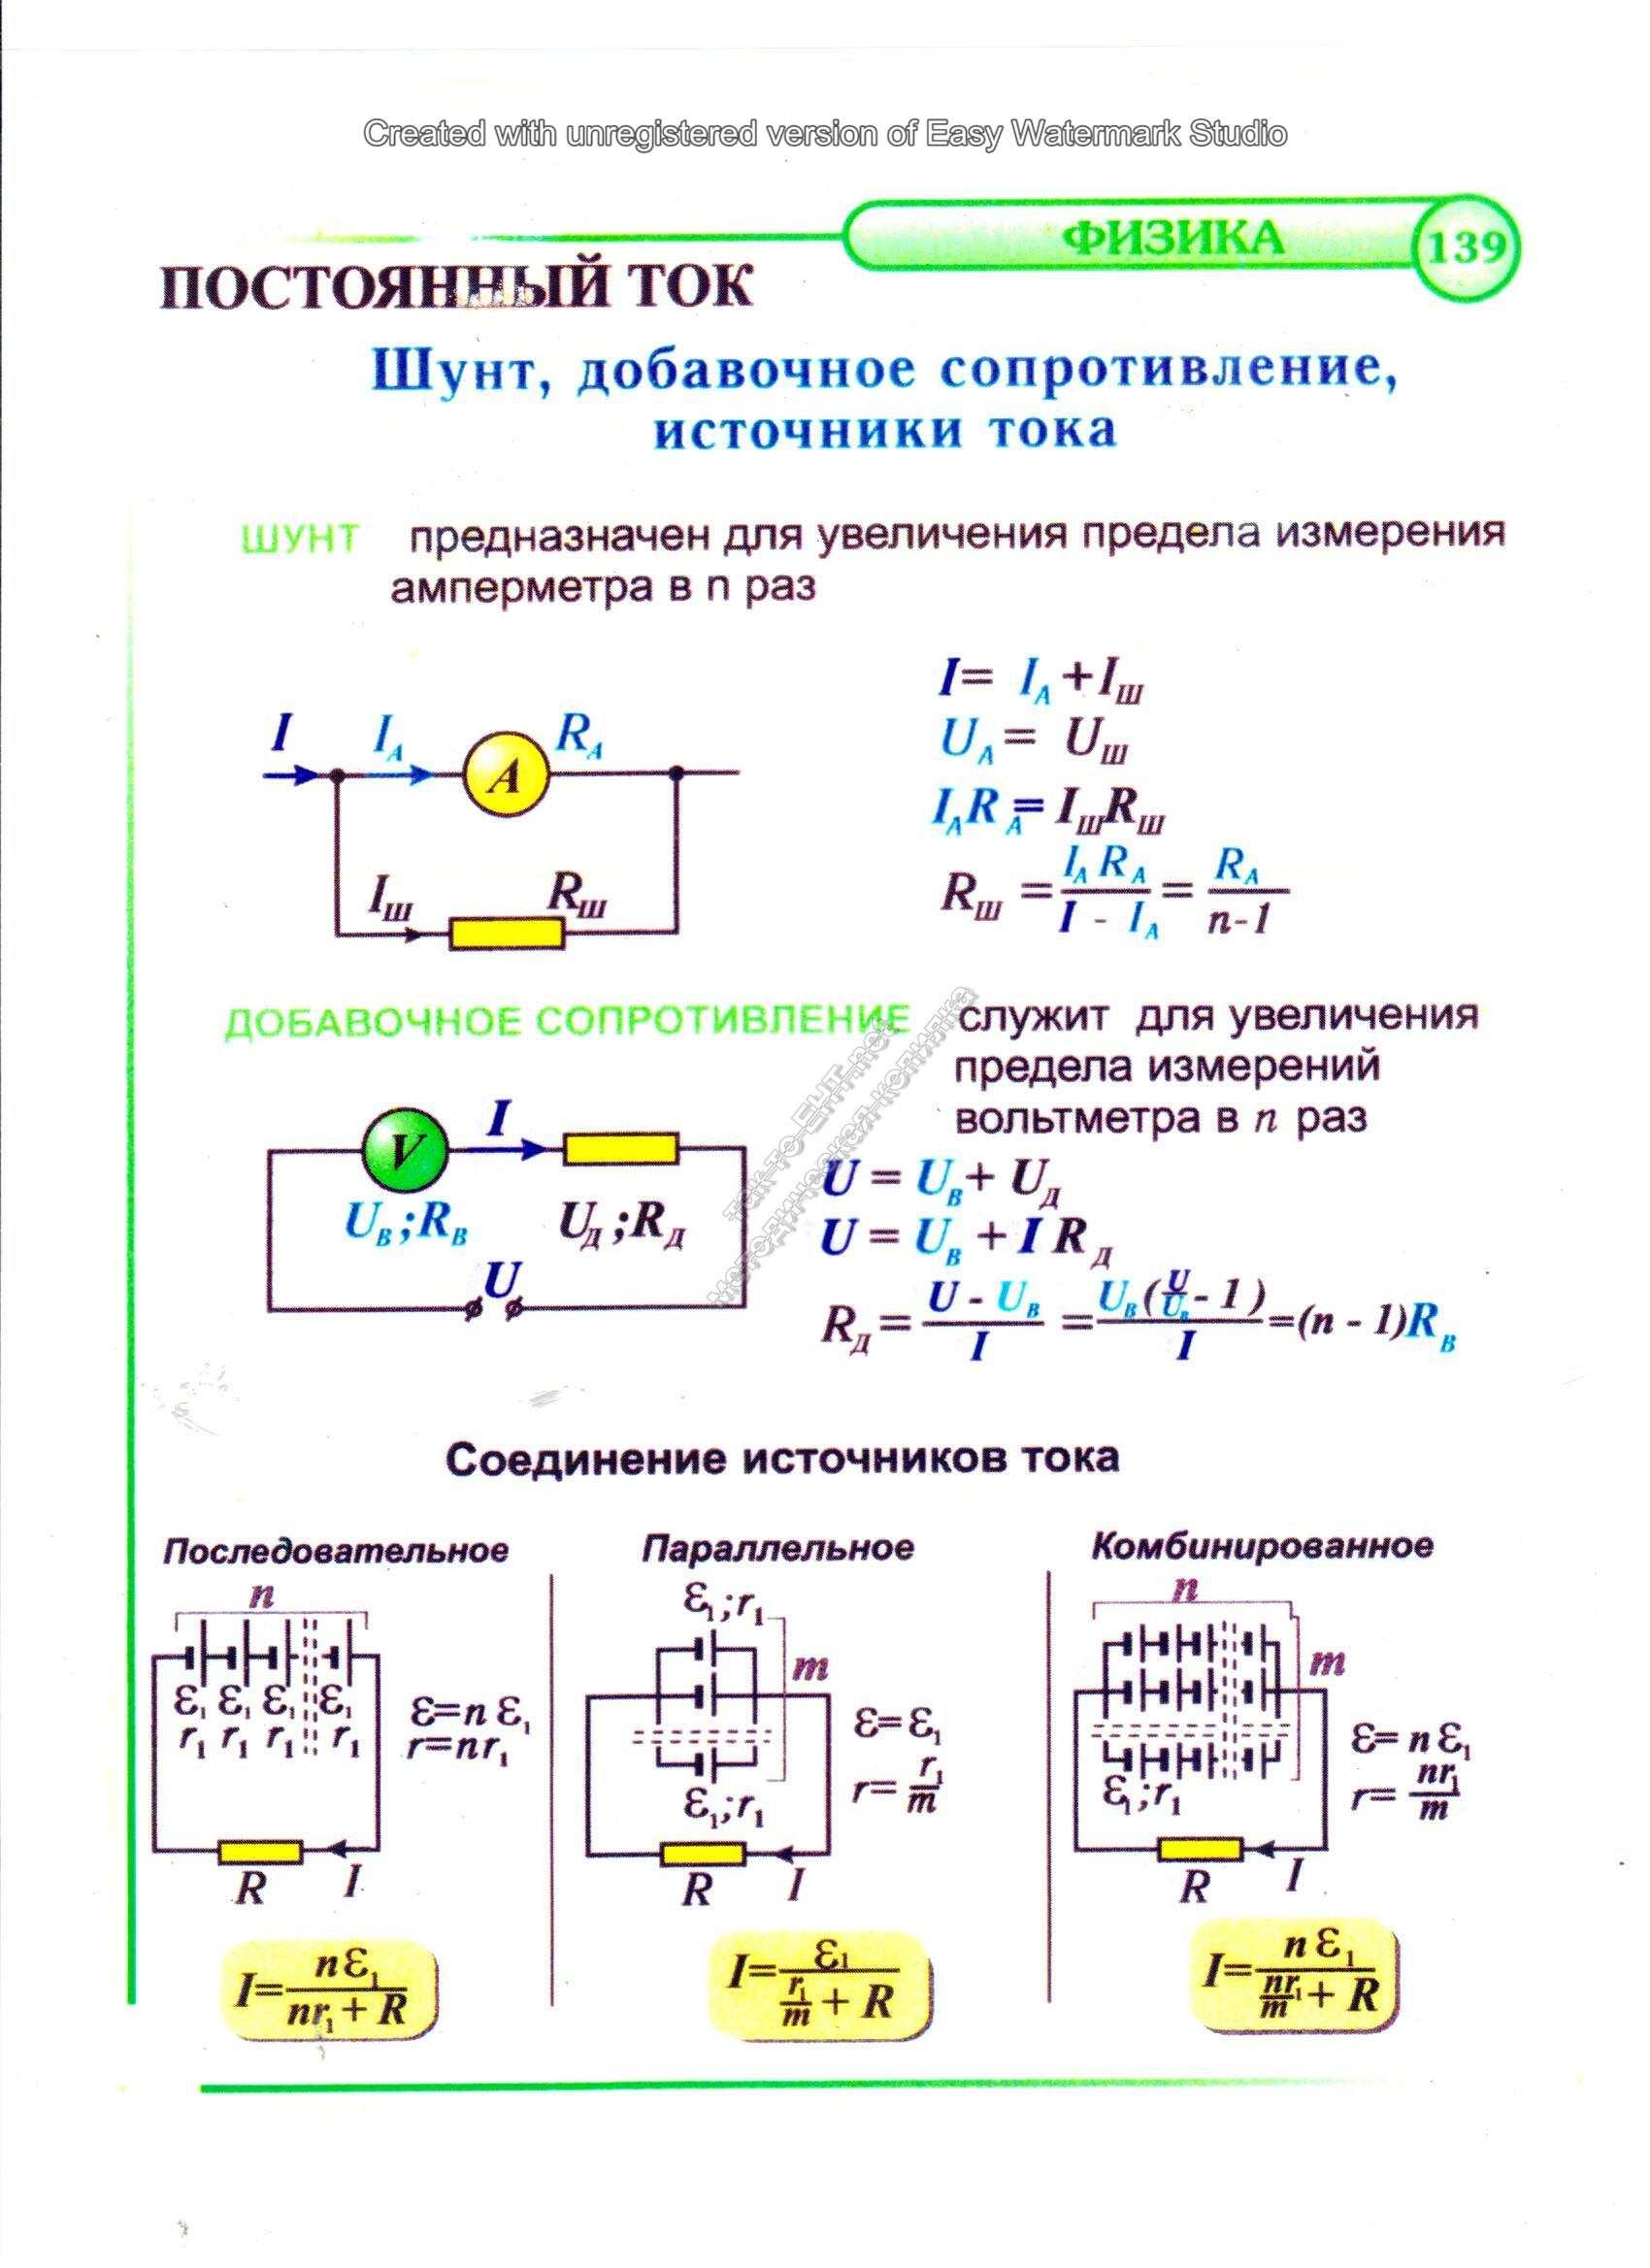 Шунт, добавочное сопротивление, источники тока